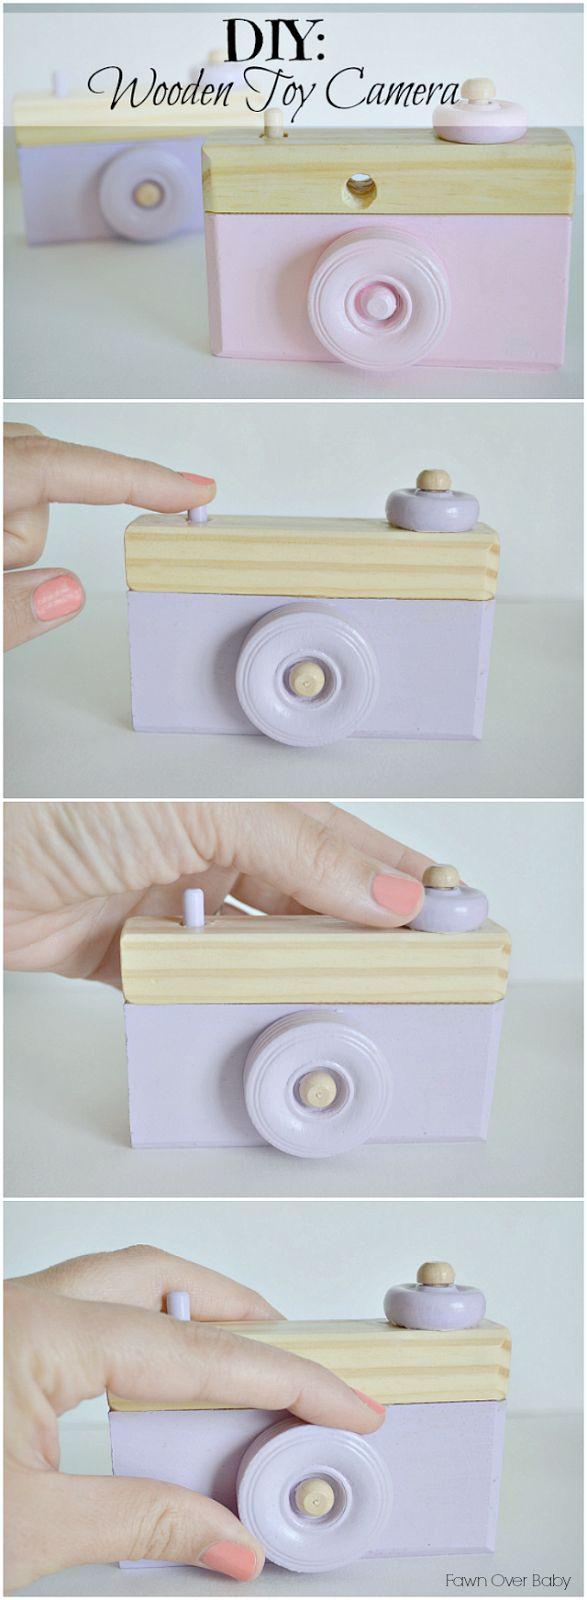 Eine Kamera aus Holz als Spielzeug